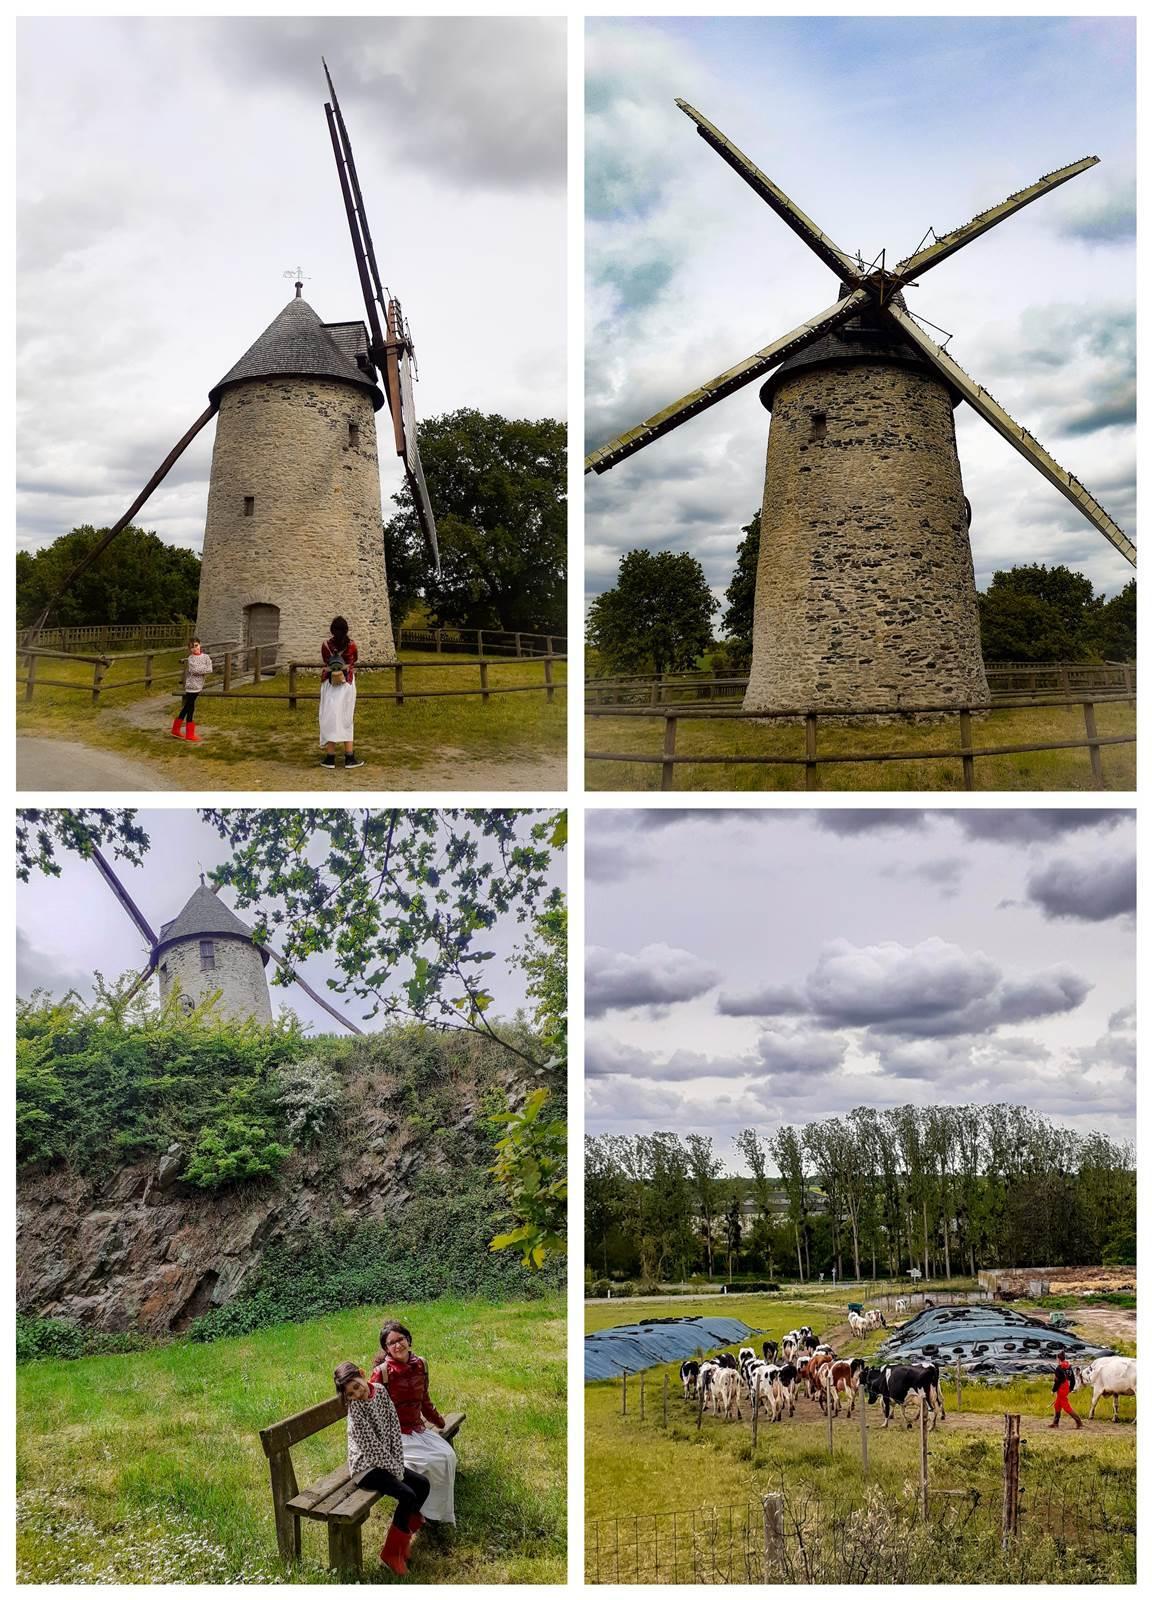 Pannece moulin idee de sortiespsx 20210505 194802